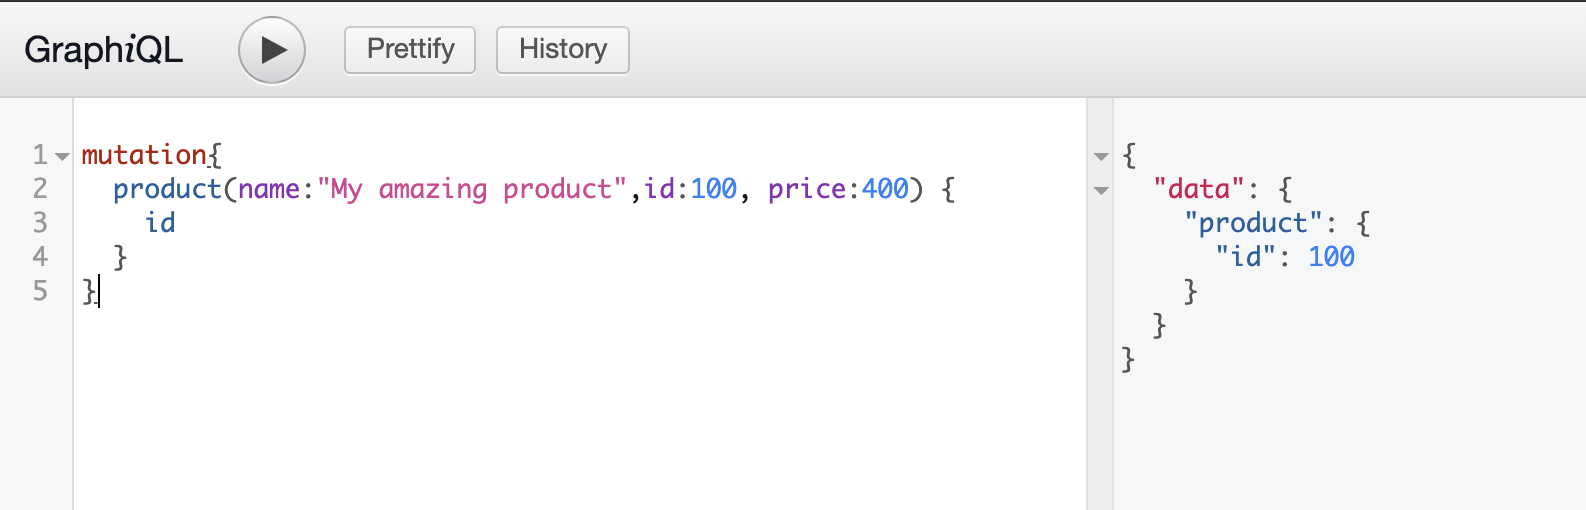 Node.js GraphQL mutation demostration